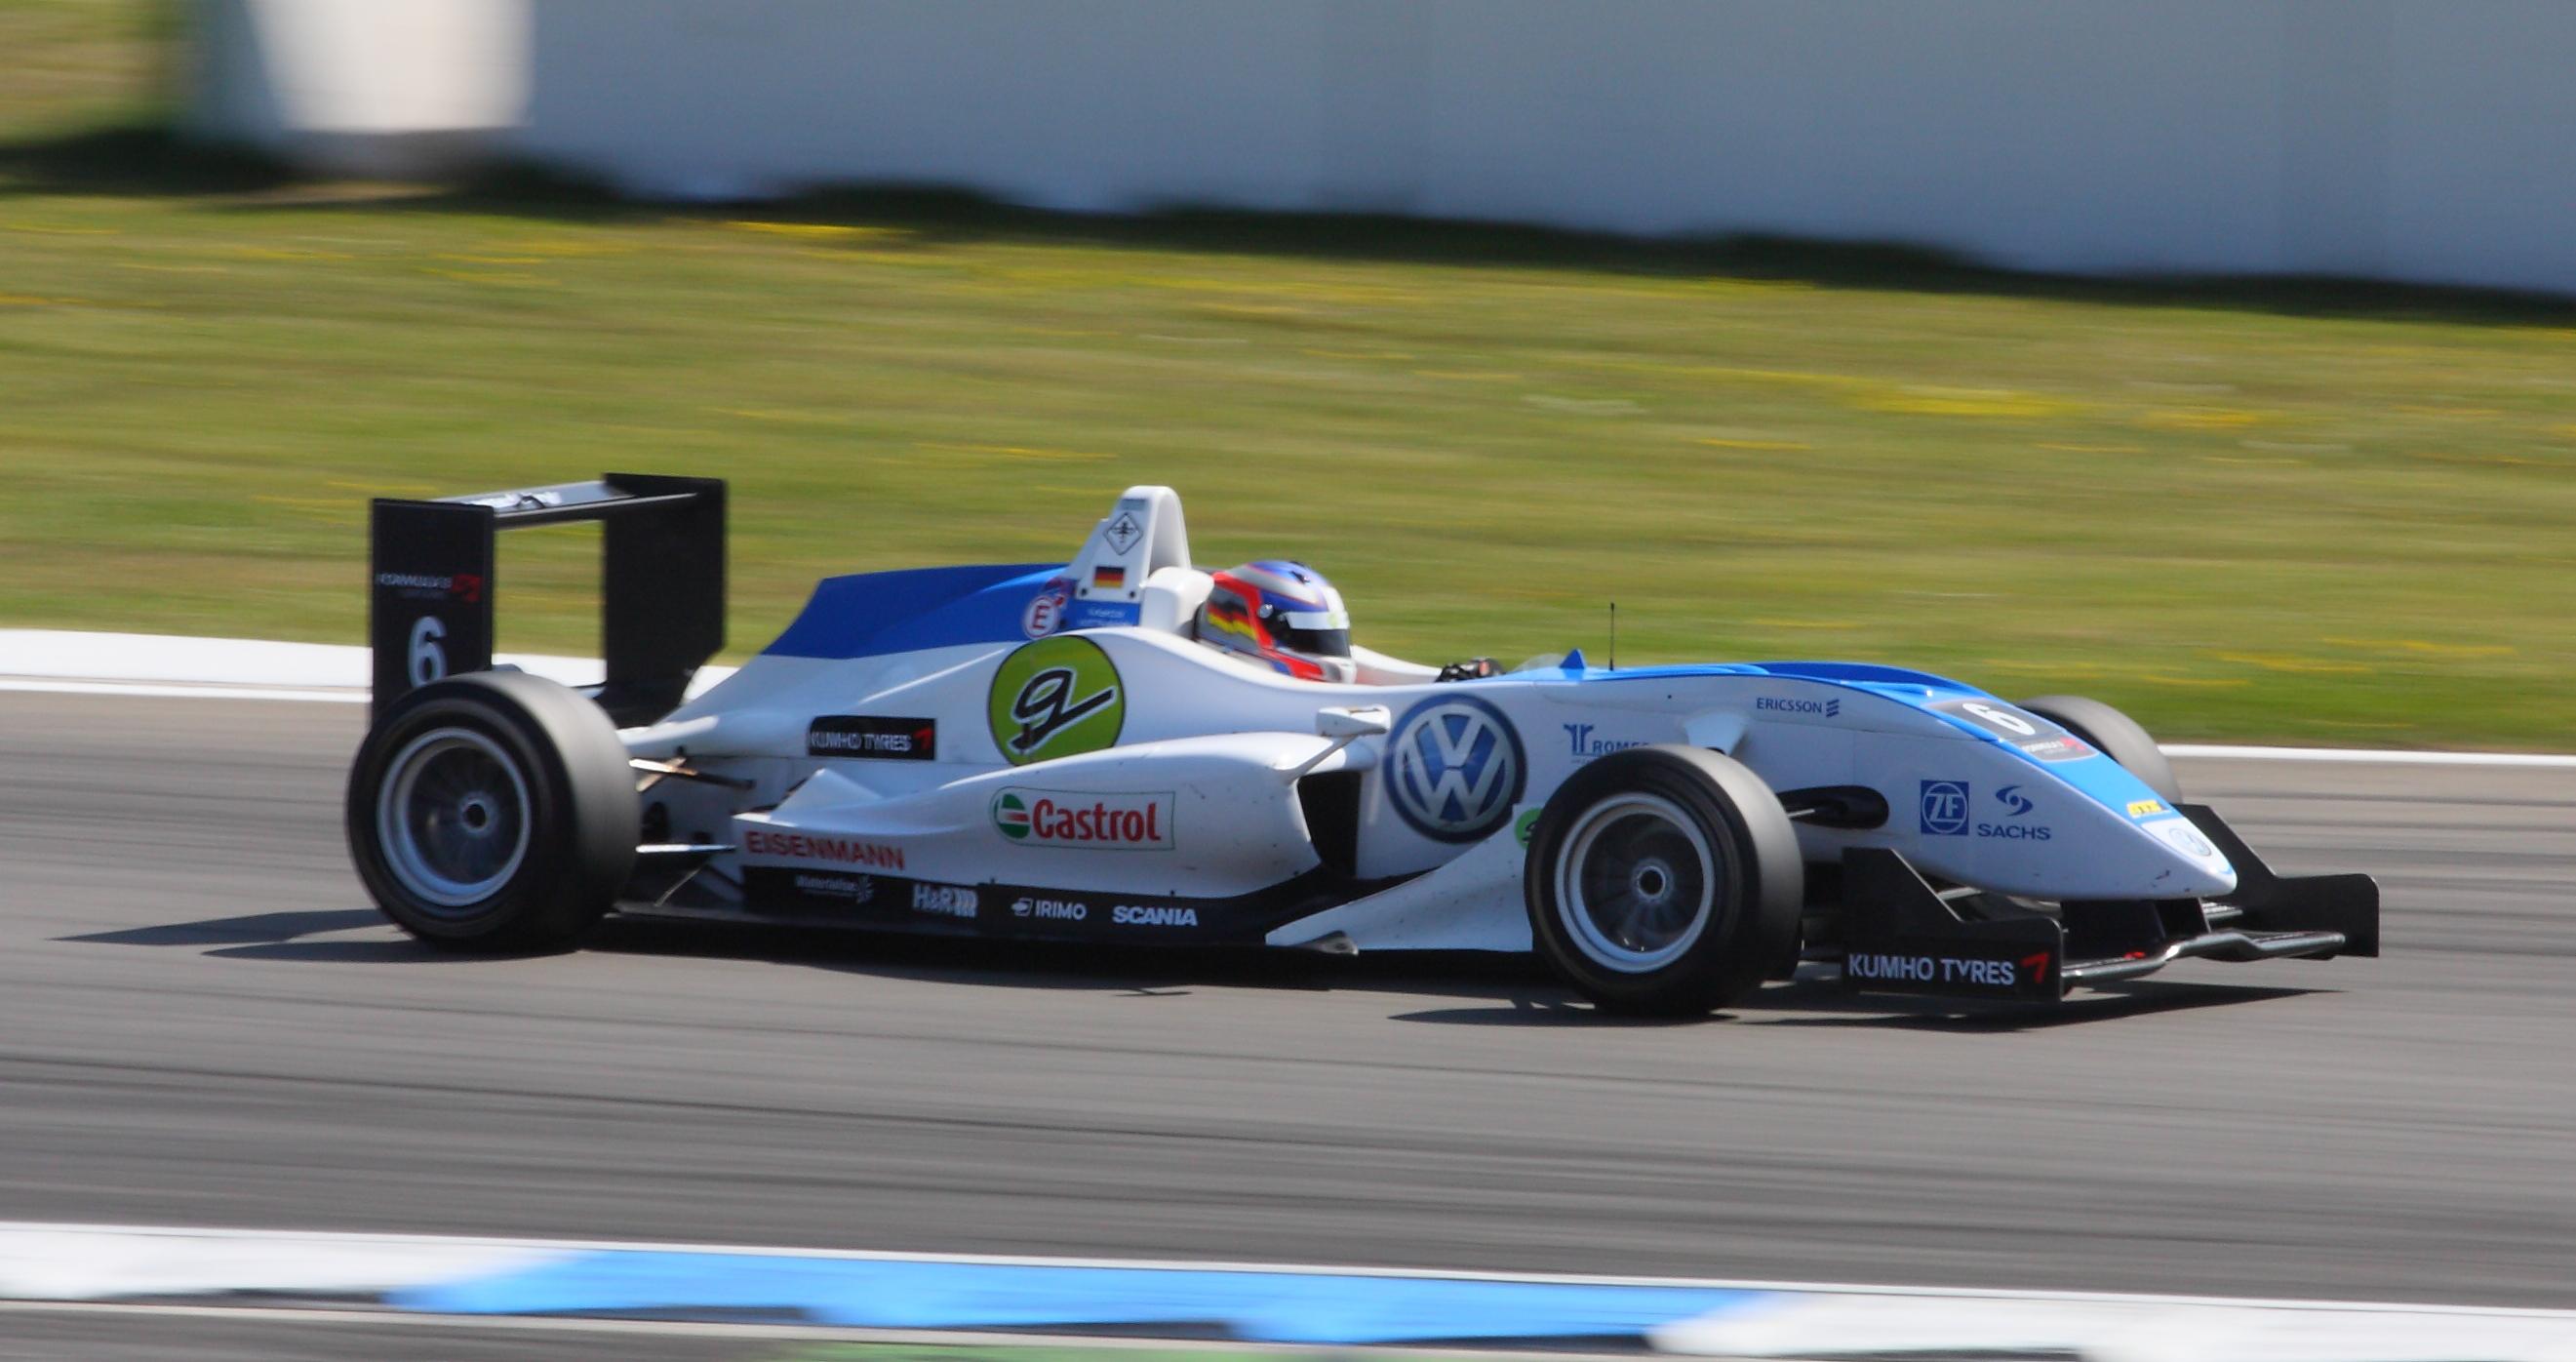 File Formel3 Dallara F308 Wittmann 2010 Amk Jpg